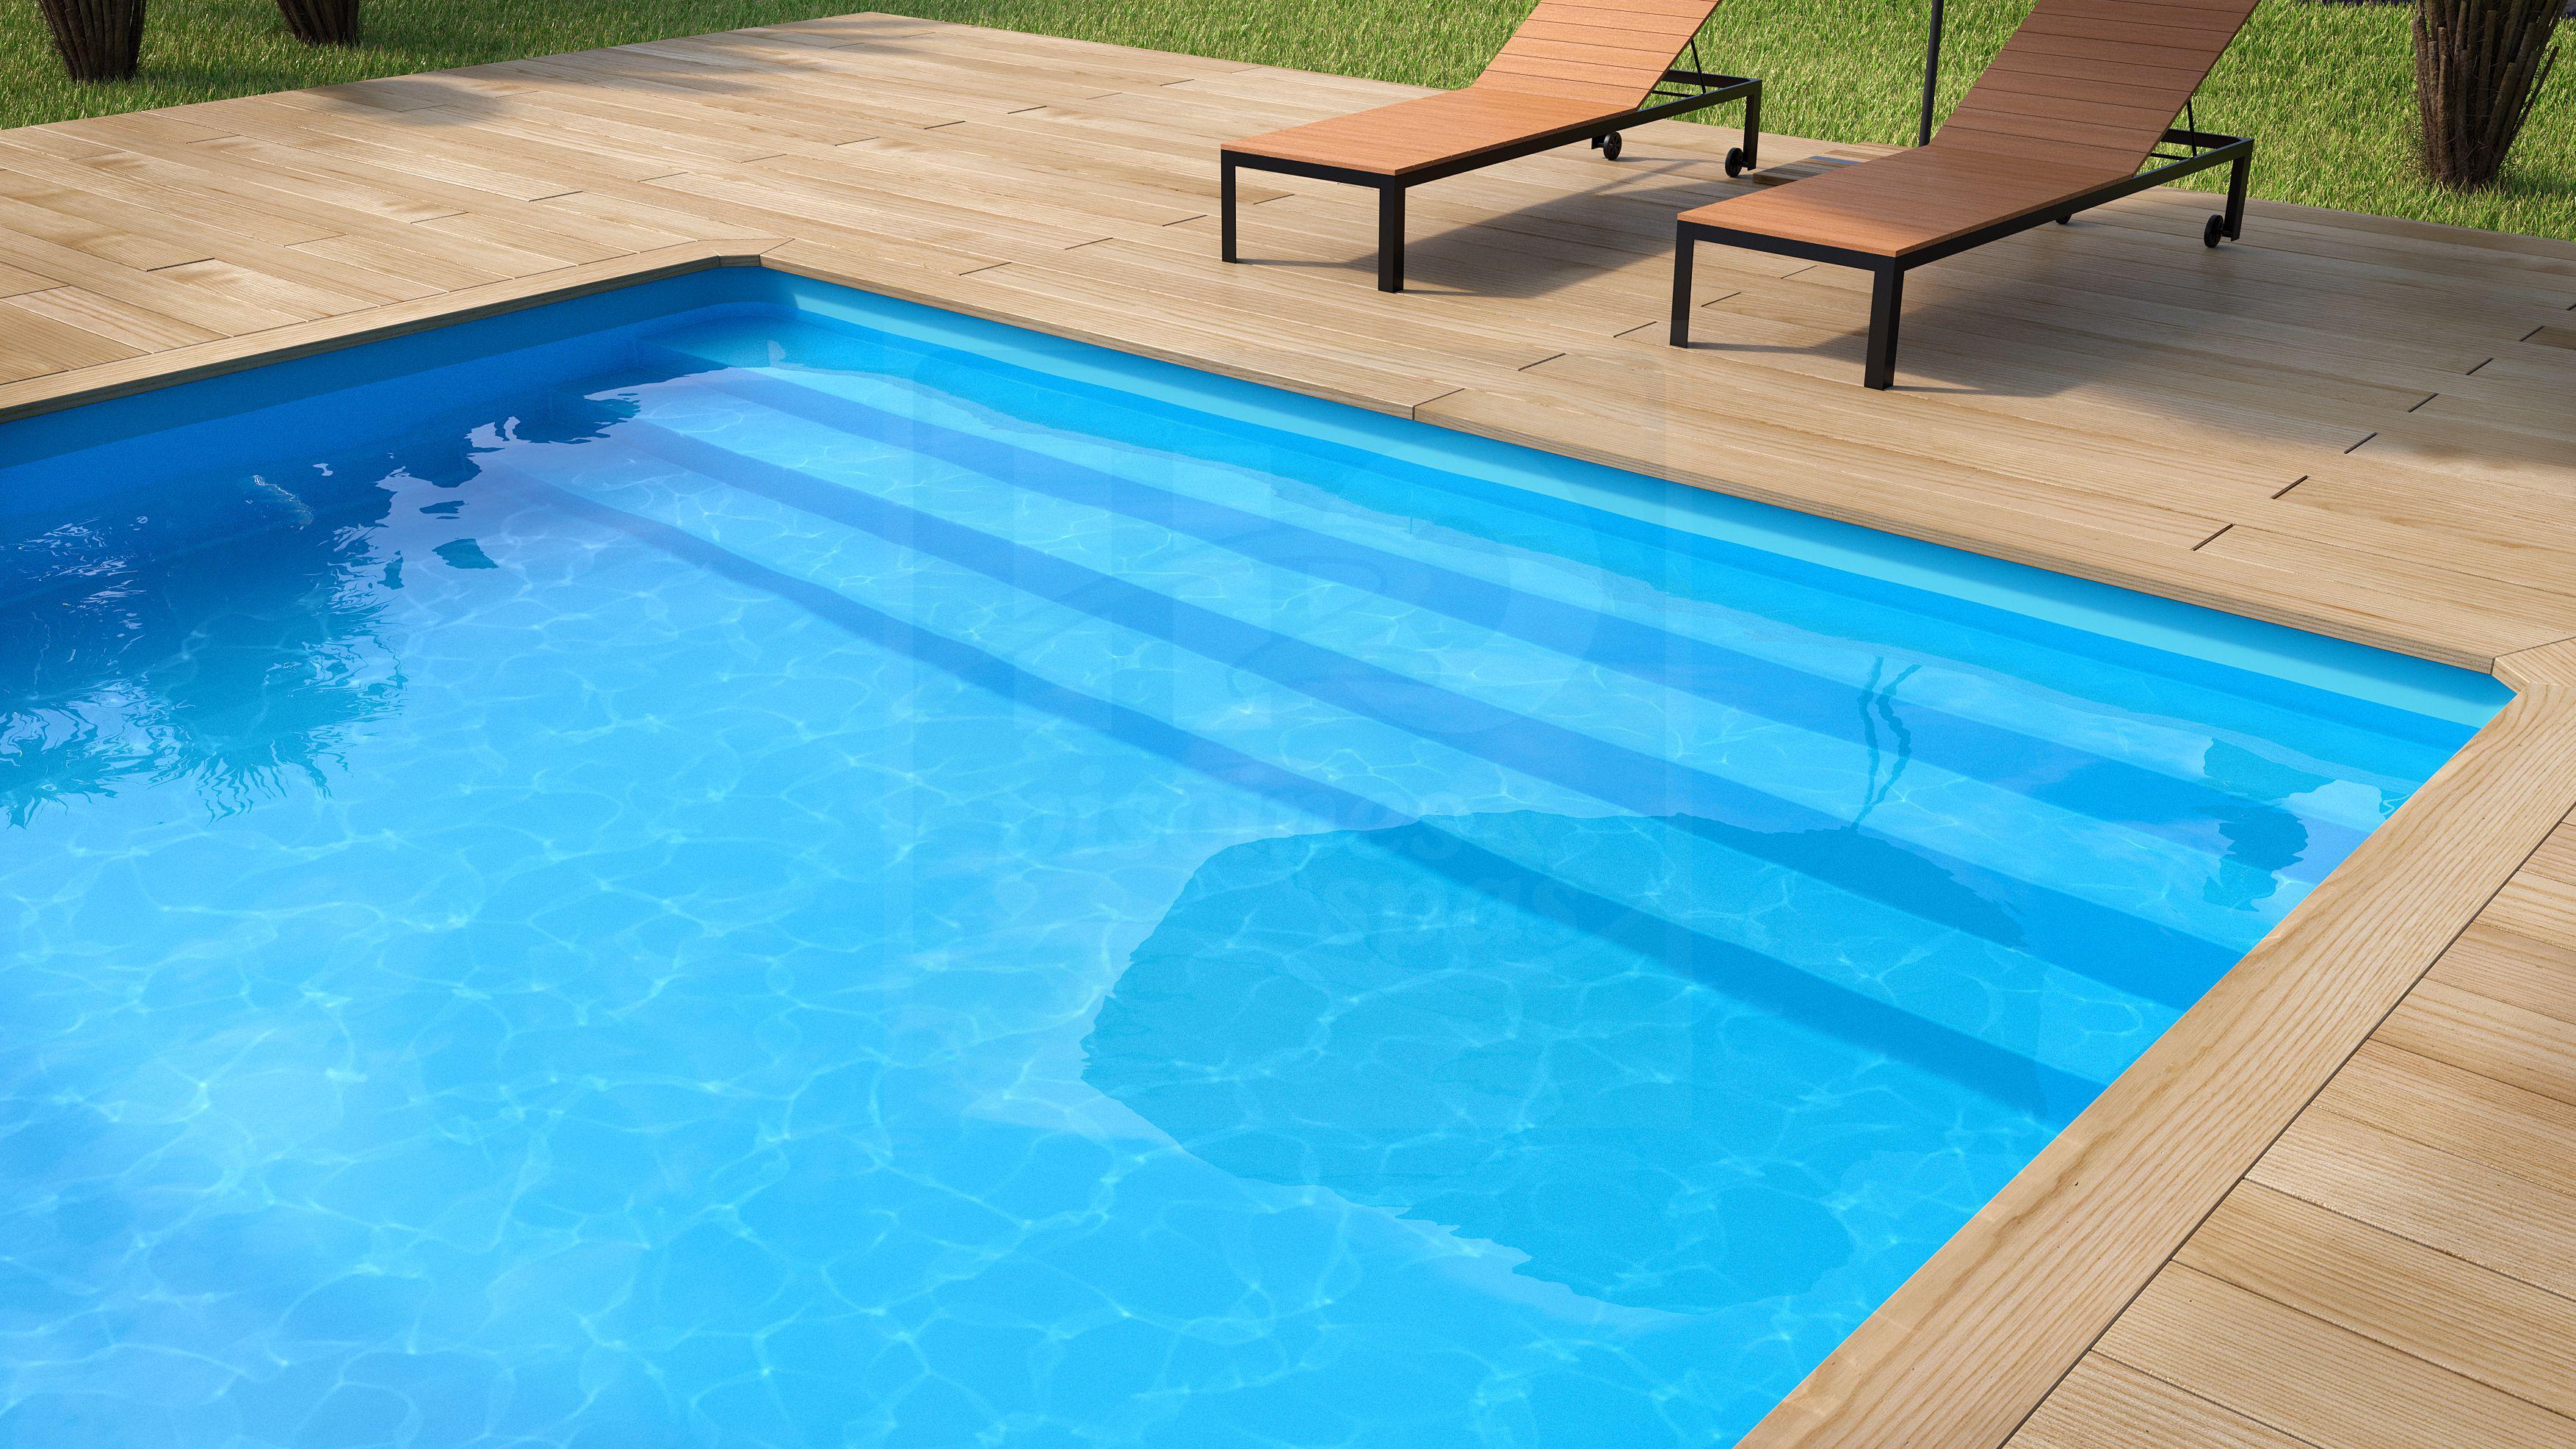 Liner 75 100 me pour piscine universo bois hexagonale 500 for Piscine bois hexagonale